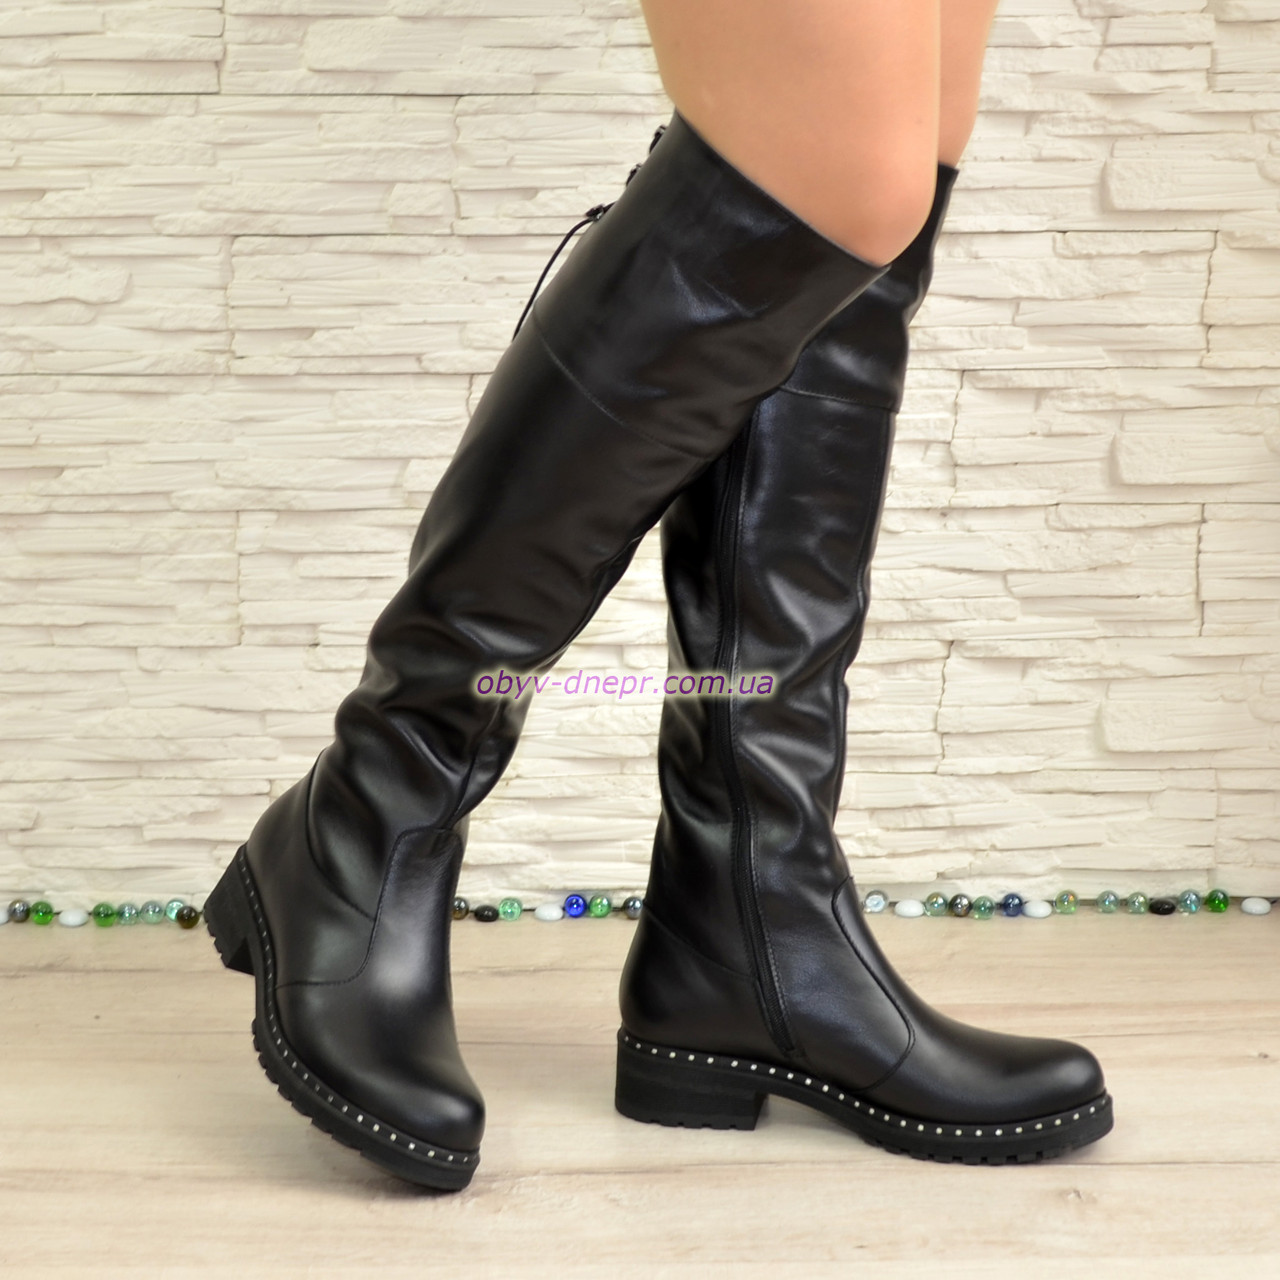 Ботфорты женские черные кожаные демисезонные на утолщенной подошве